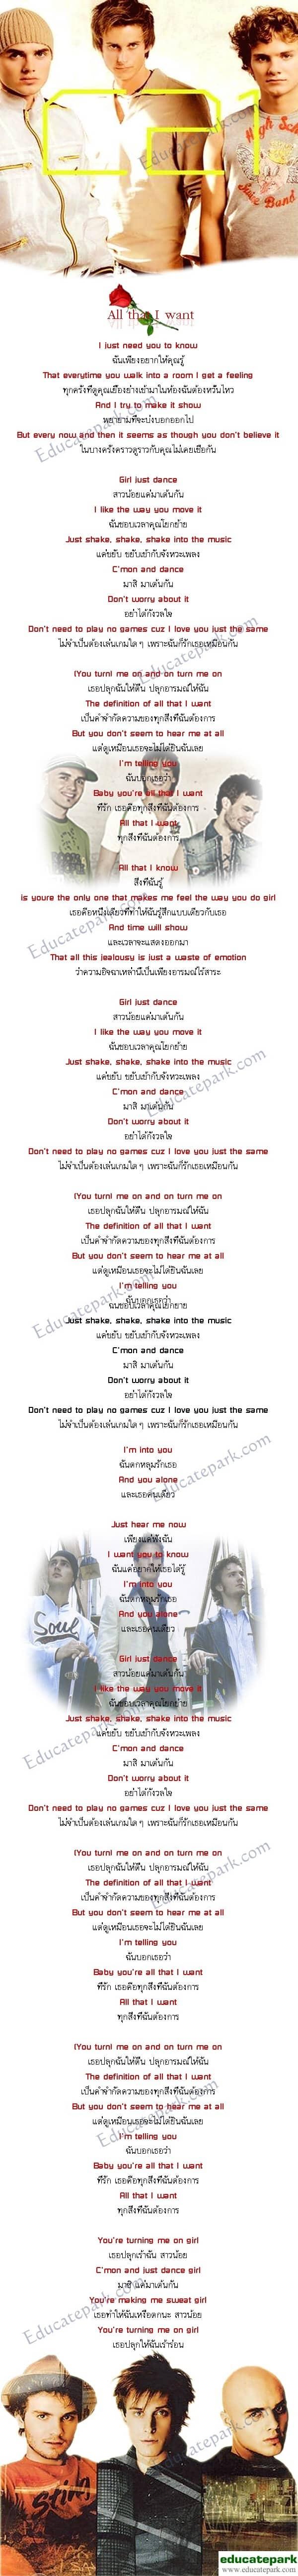 แปลเพลง All That I Want - C21